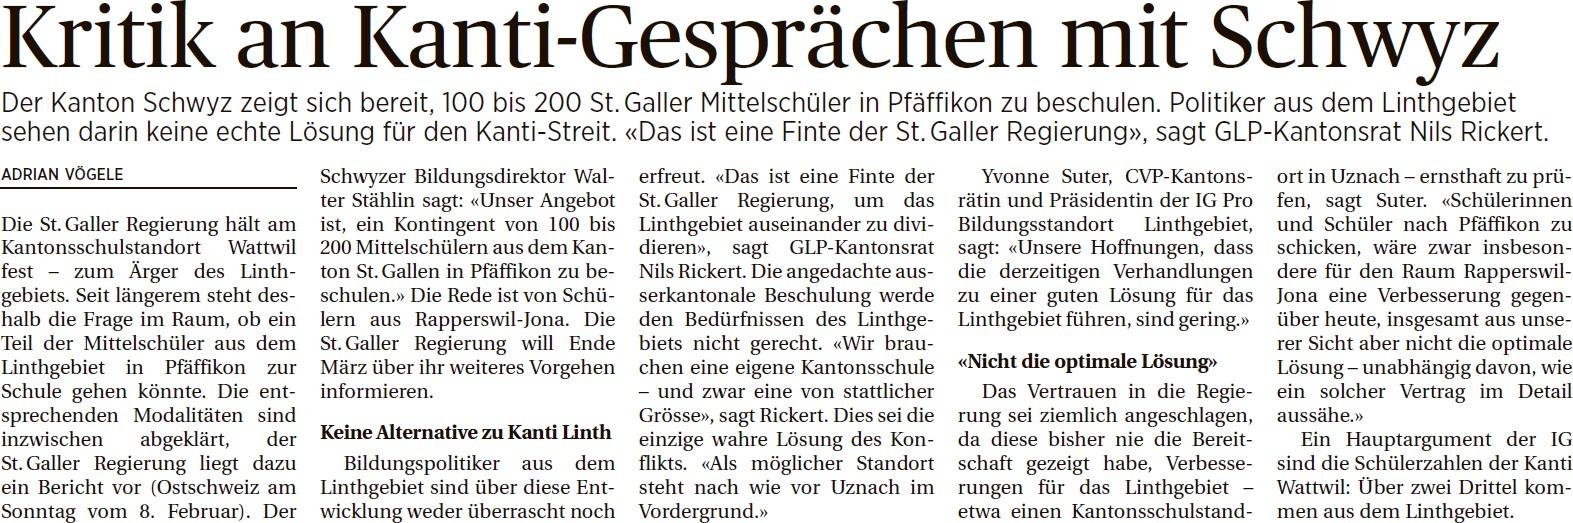 Kritik an Kanti-Gesprächen mit Schwyz (Dienstag, 10.02.2015)